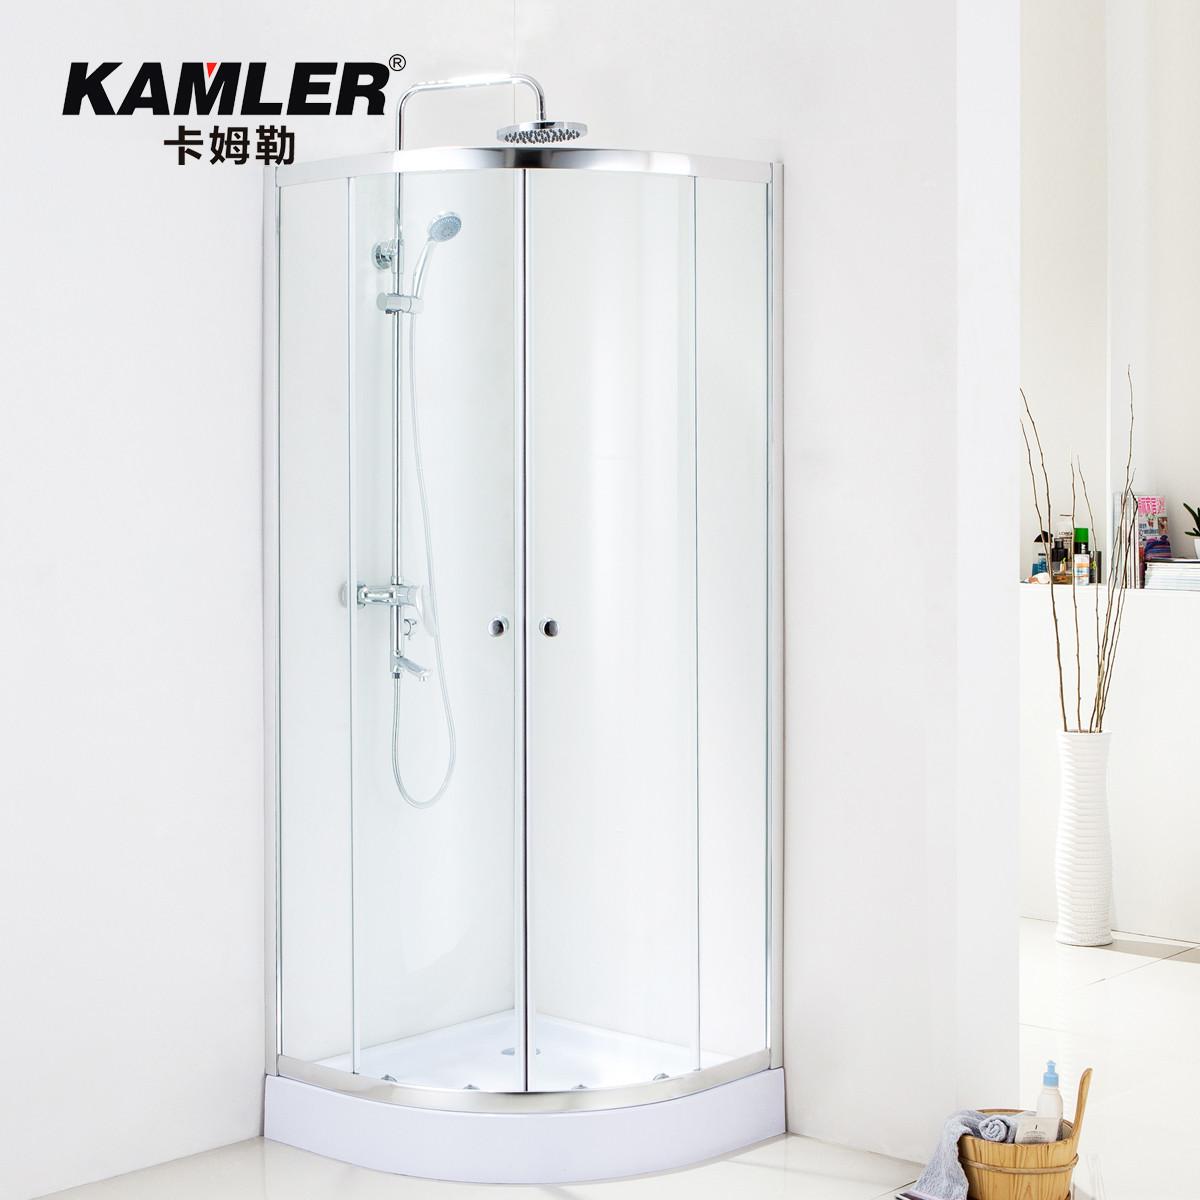 卡姆勒 移门式弧扇型 K1900T淋浴房